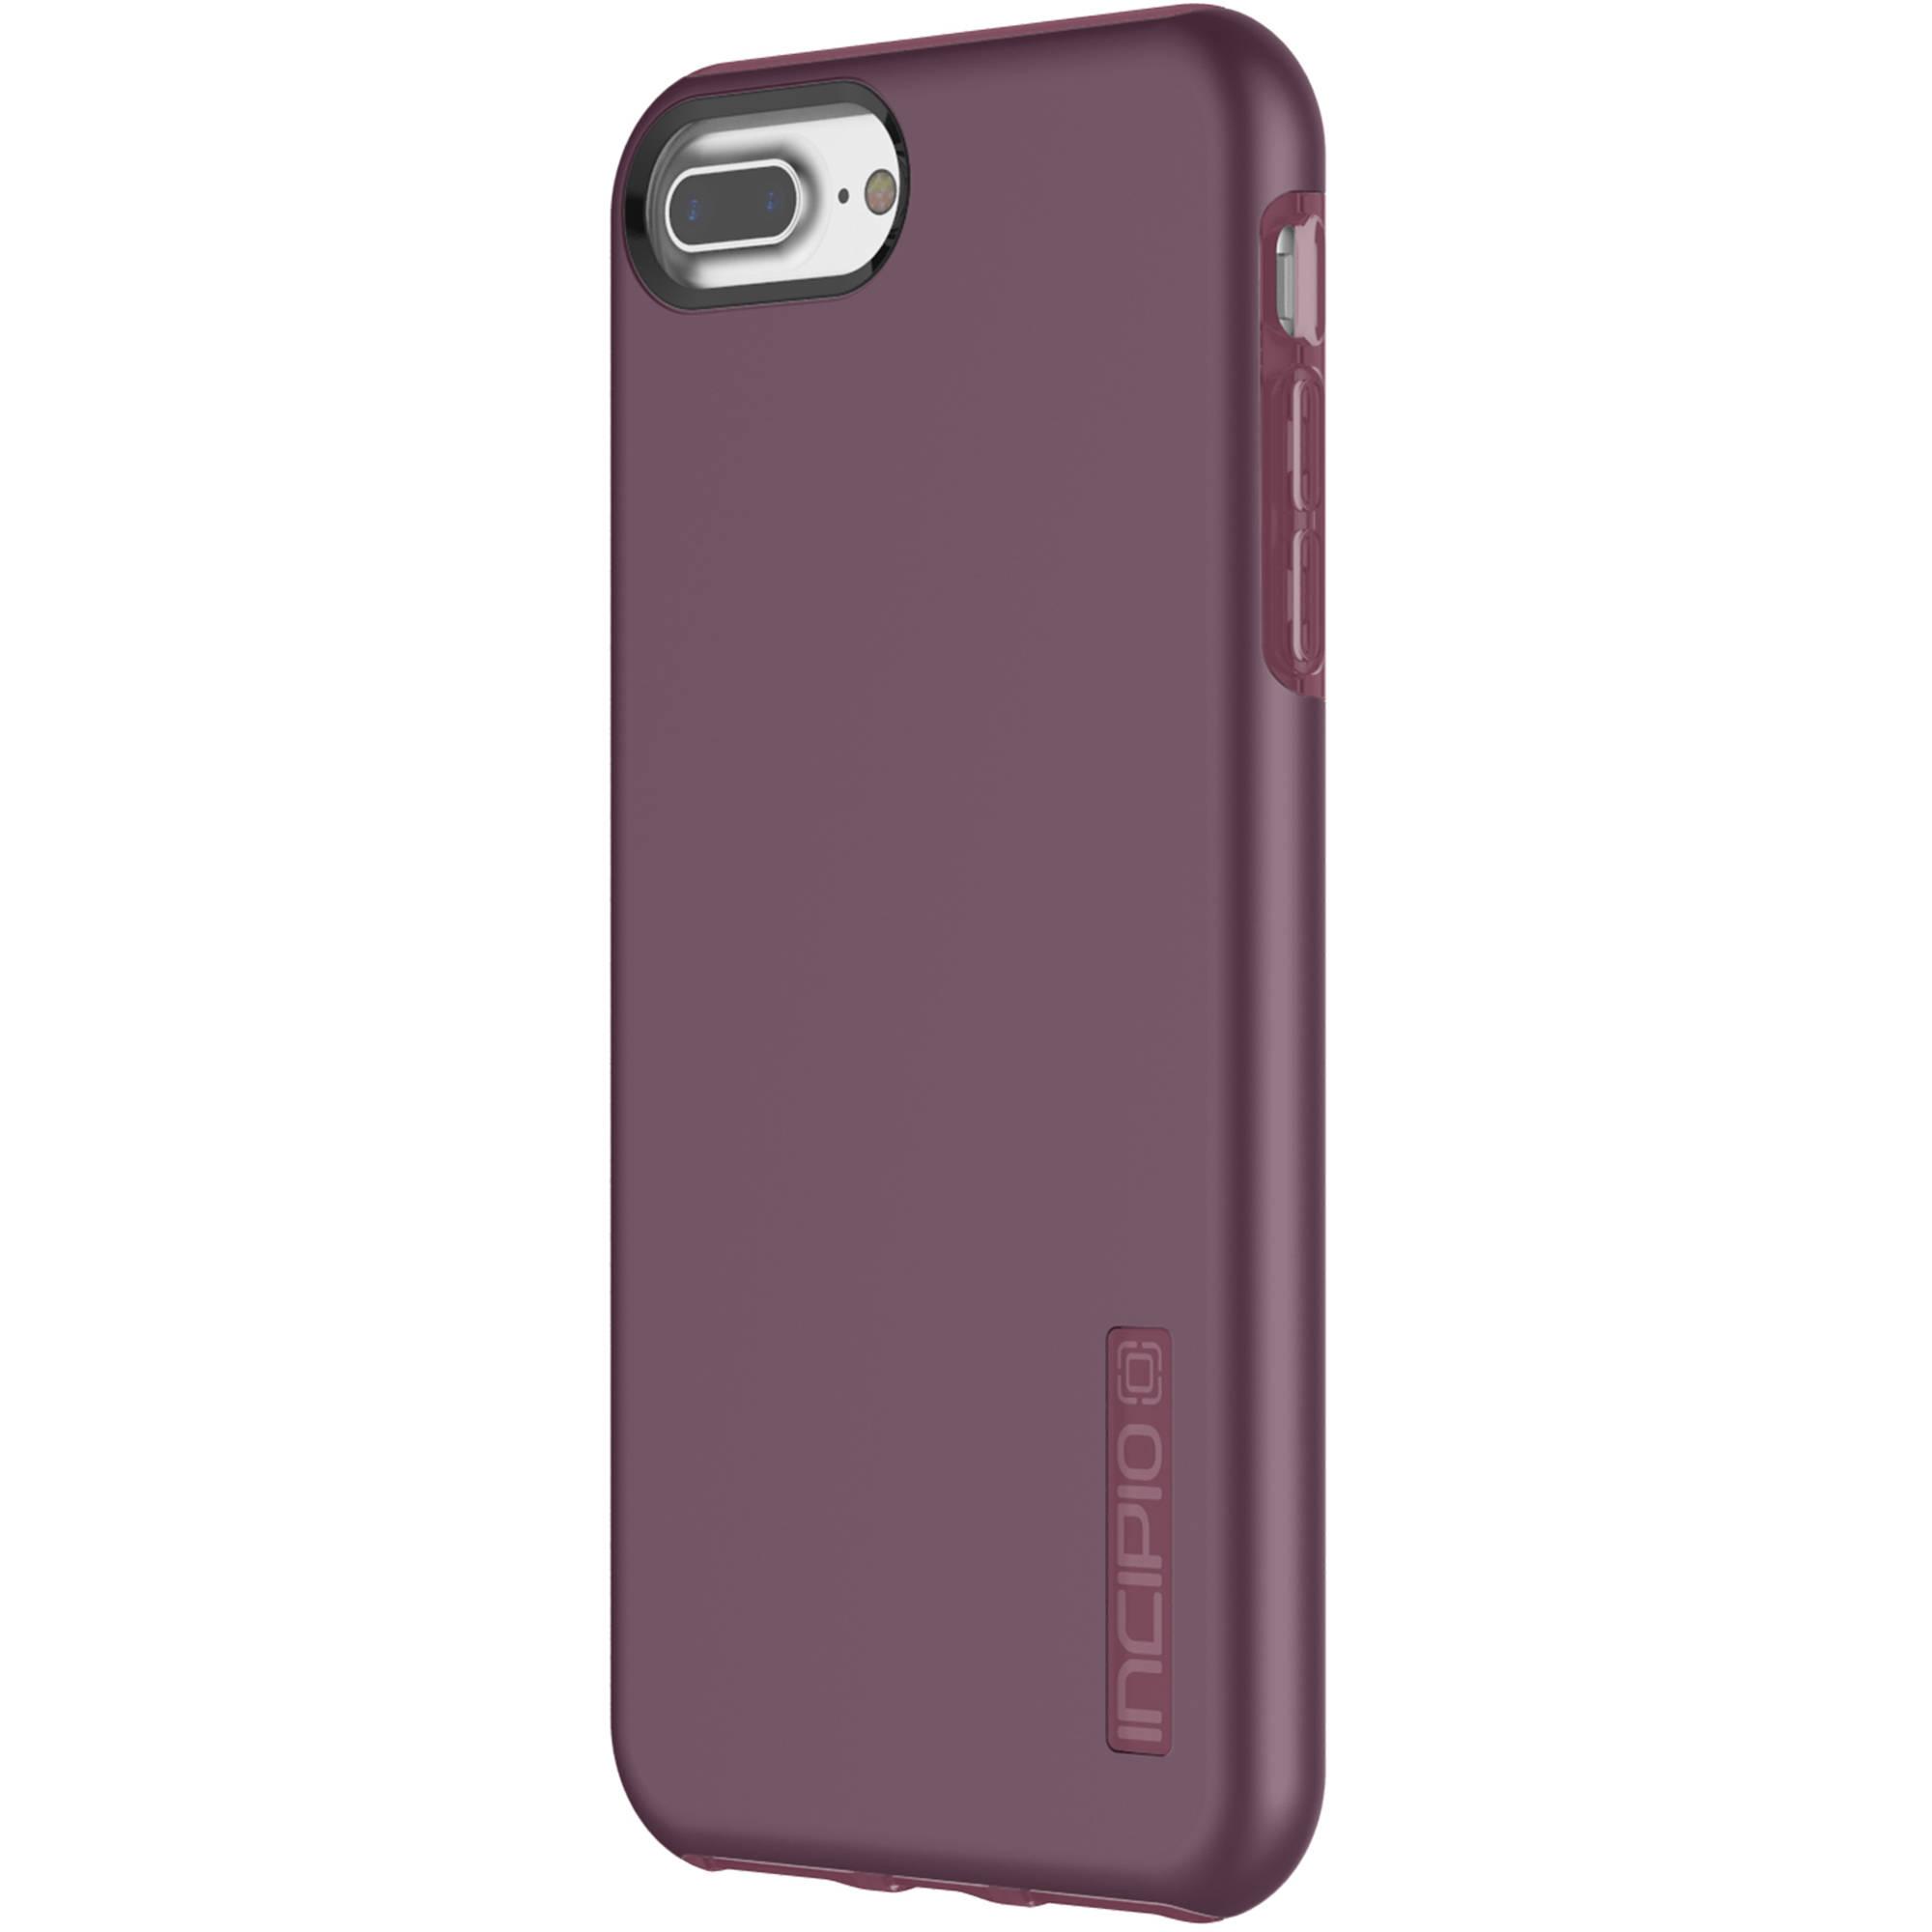 quality design 4f22b 430e8 Incipio DualPro Case for iPhone 7 Plus/8 Plus (Iridescent Merlot)